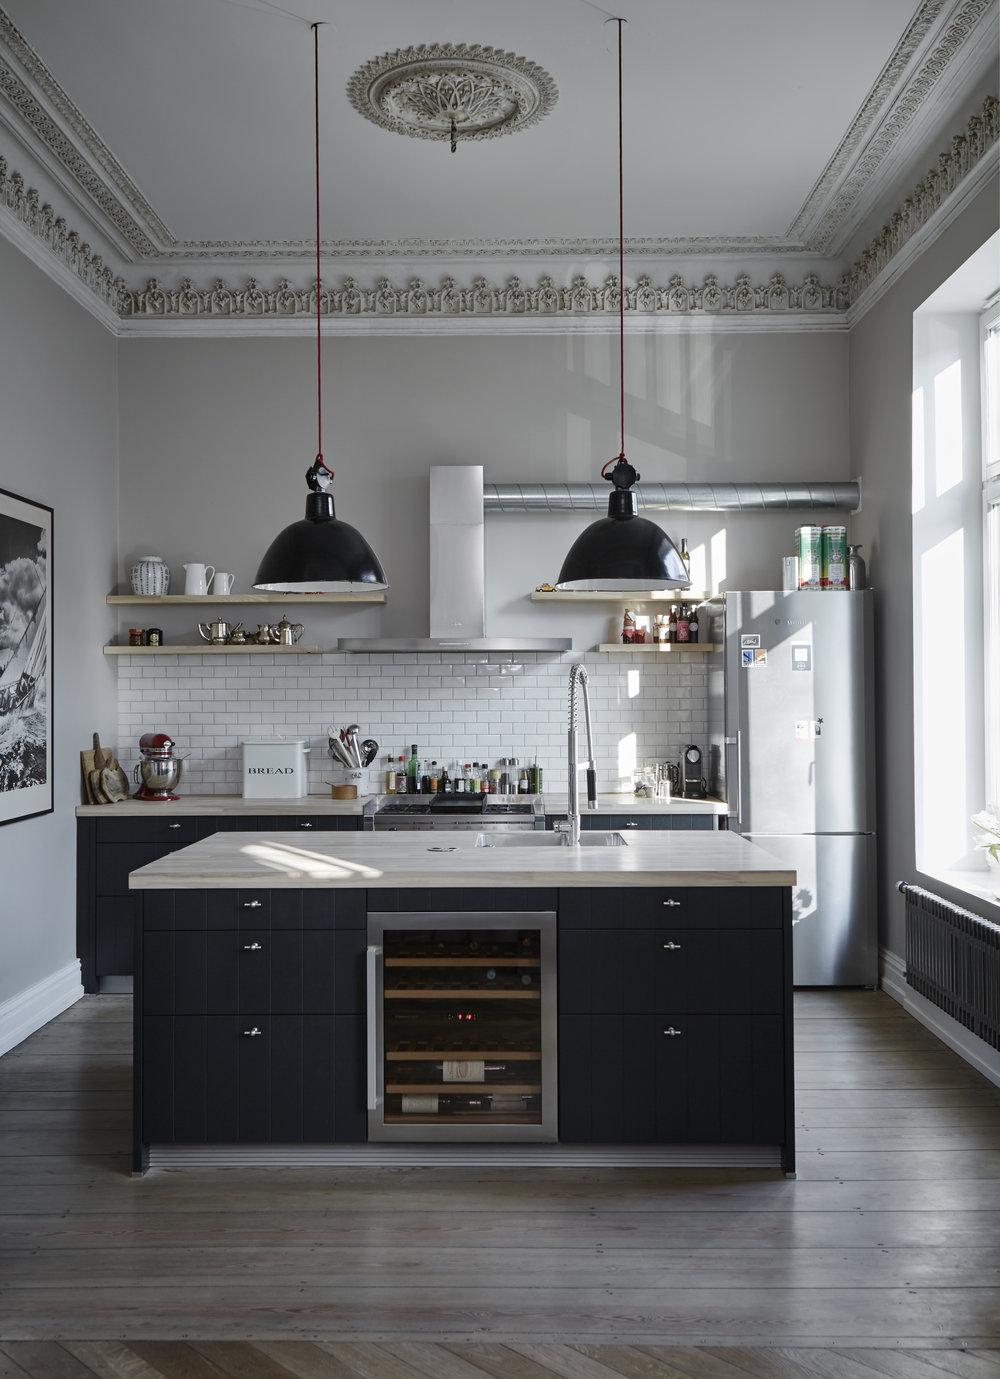 Küche+im+Industry+Stil,+Metro+Fliesen,+Metro+Tiles,+Industry+Lampen,+Küche+schwarz%2Fweiß (1).jpg